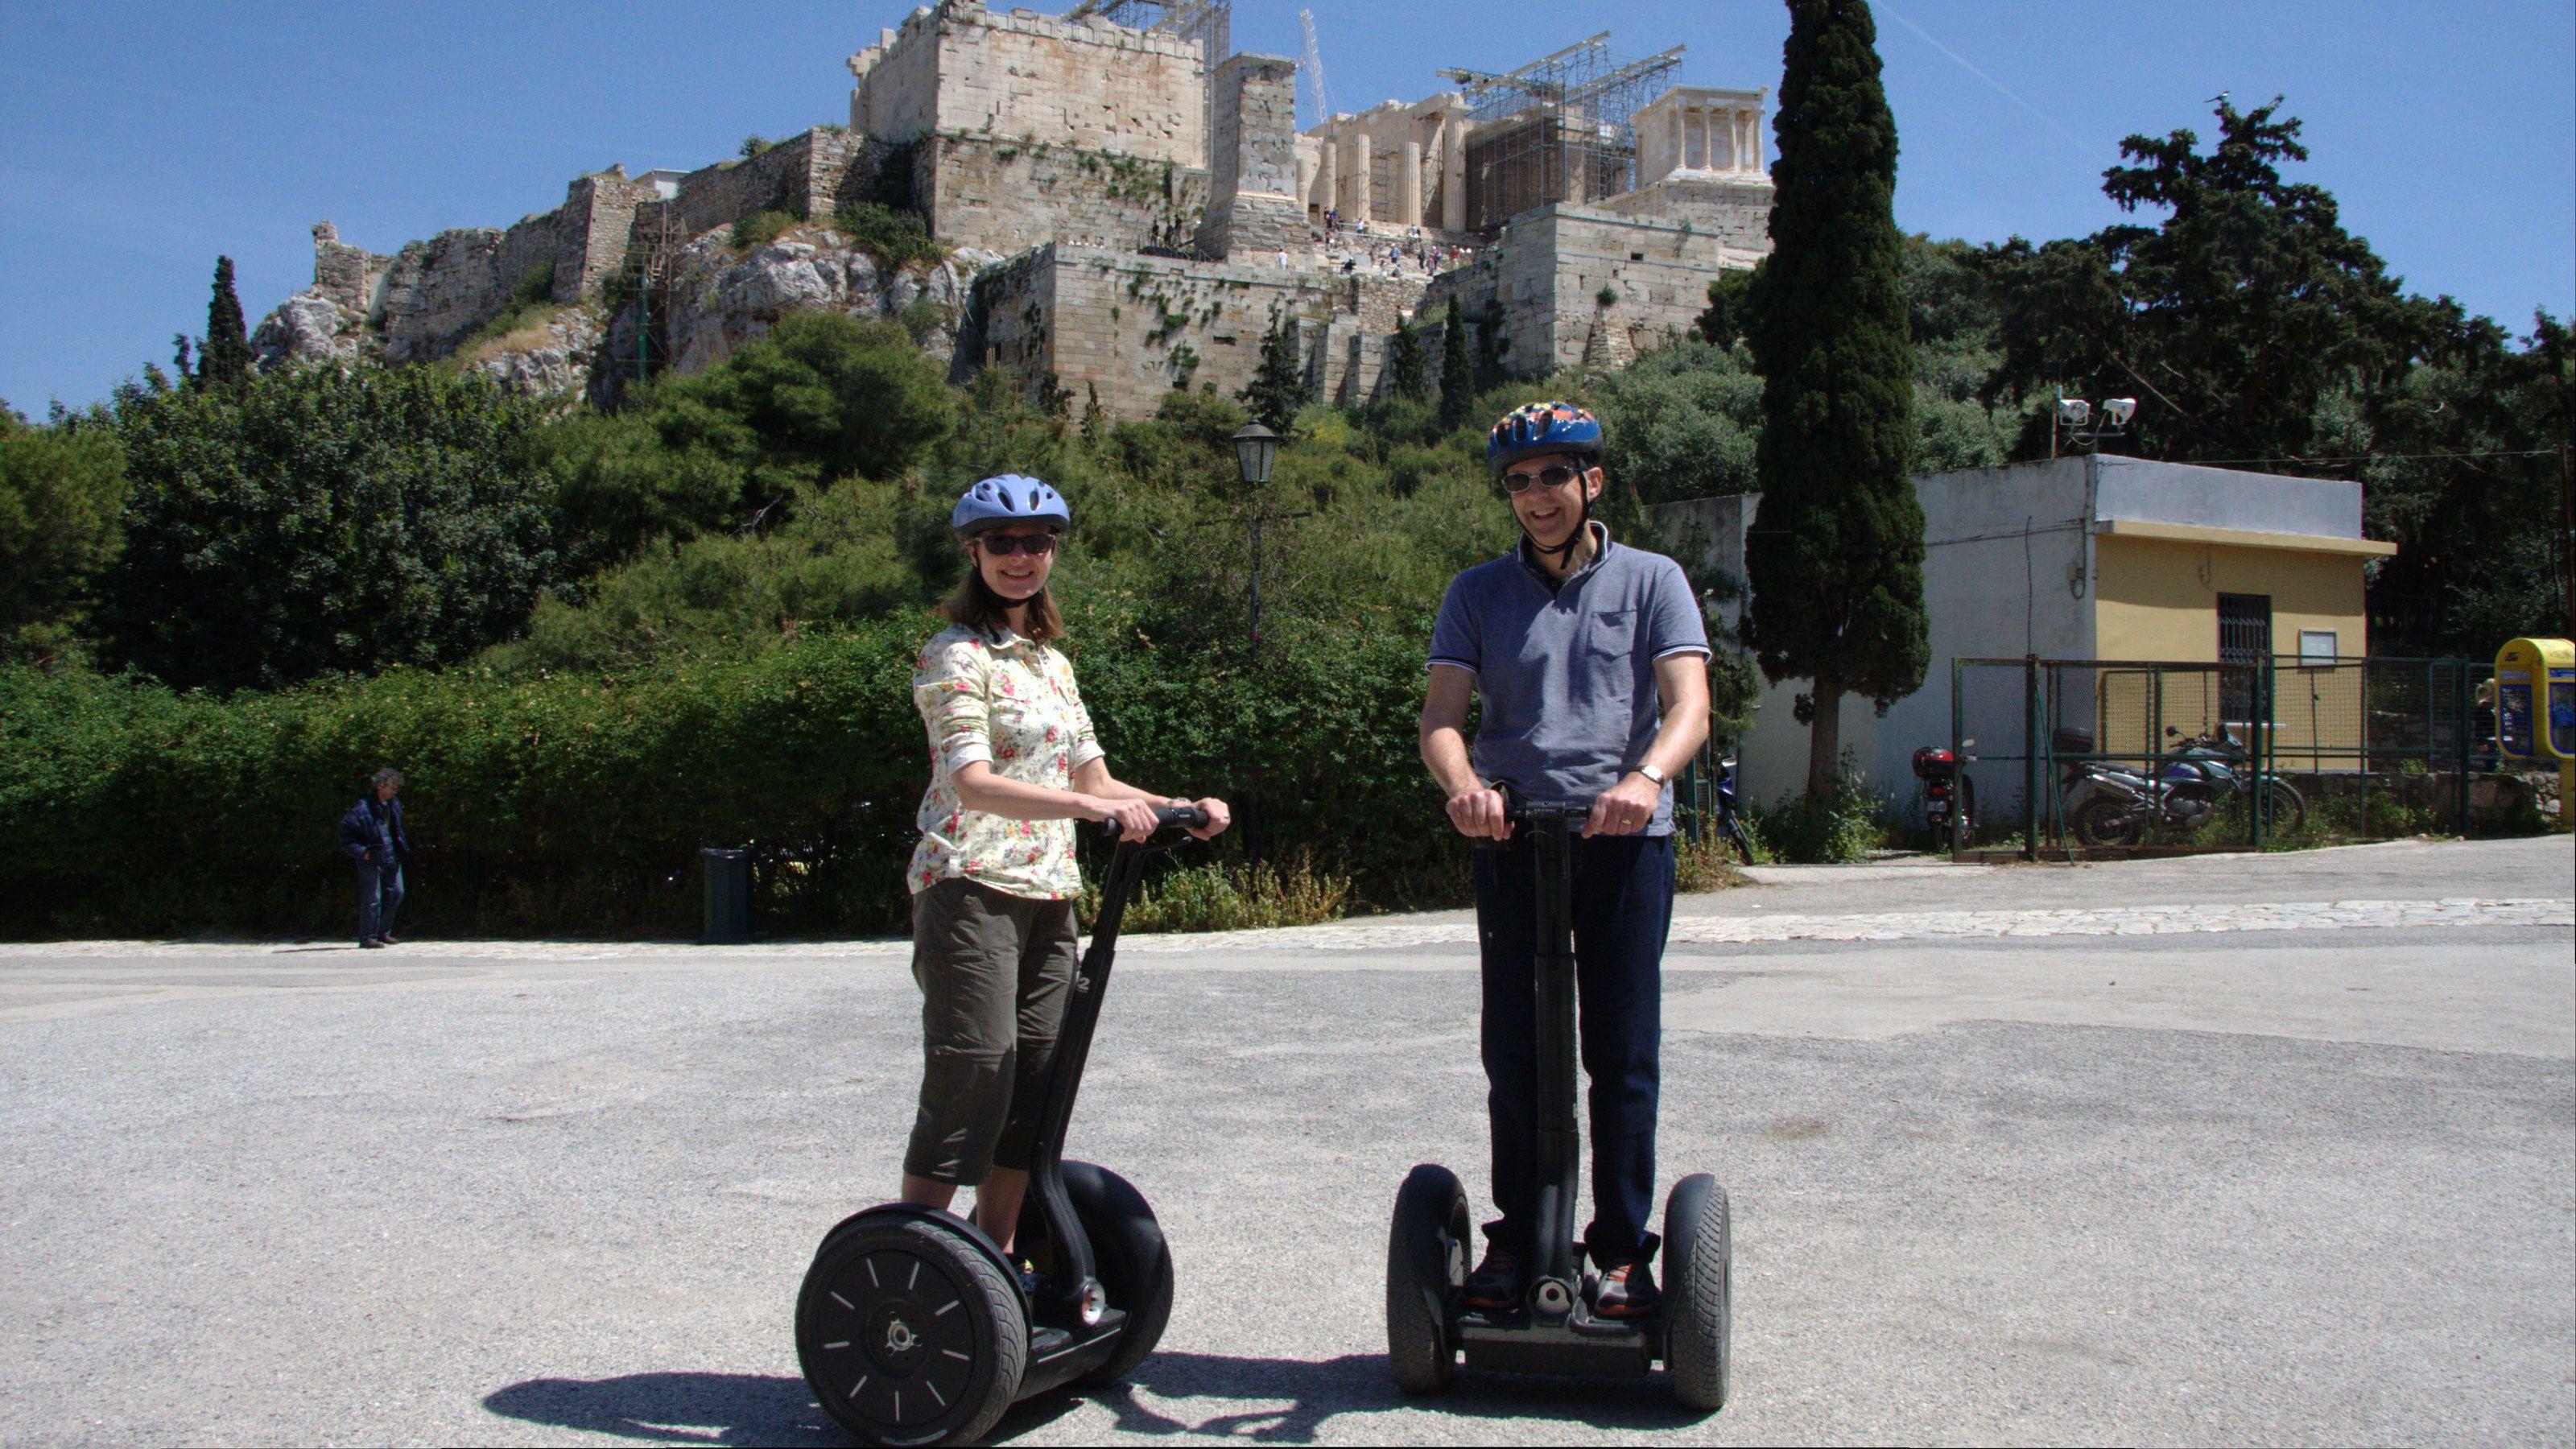 two people ride segways around Dionysou Aeropagitou in Athens